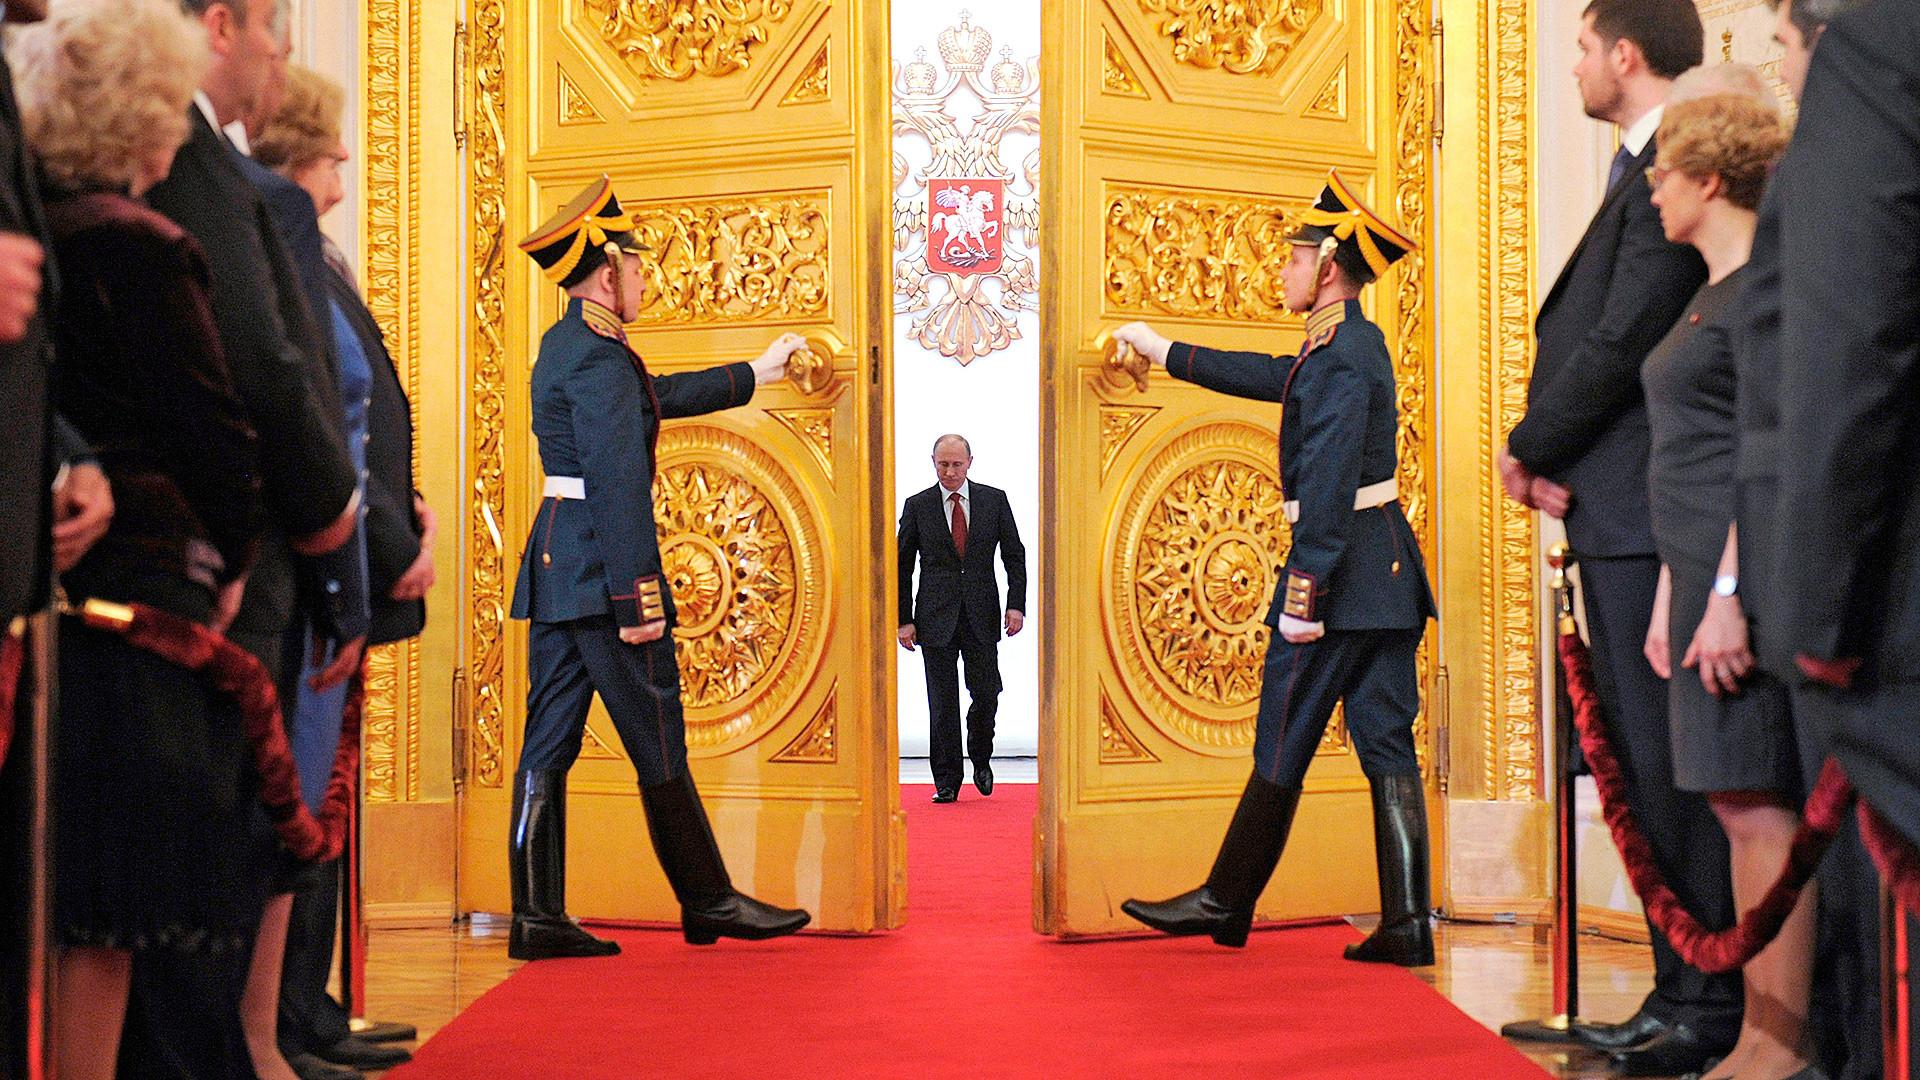 Vladimir Putin memasuki Aula Andreyevsky untuk mengambil sumpah jabatan saat pelantikannya sebagai presiden Rusia di Istana Besar Kremlin di Moskow pada Senin, 7 Mei 2012.